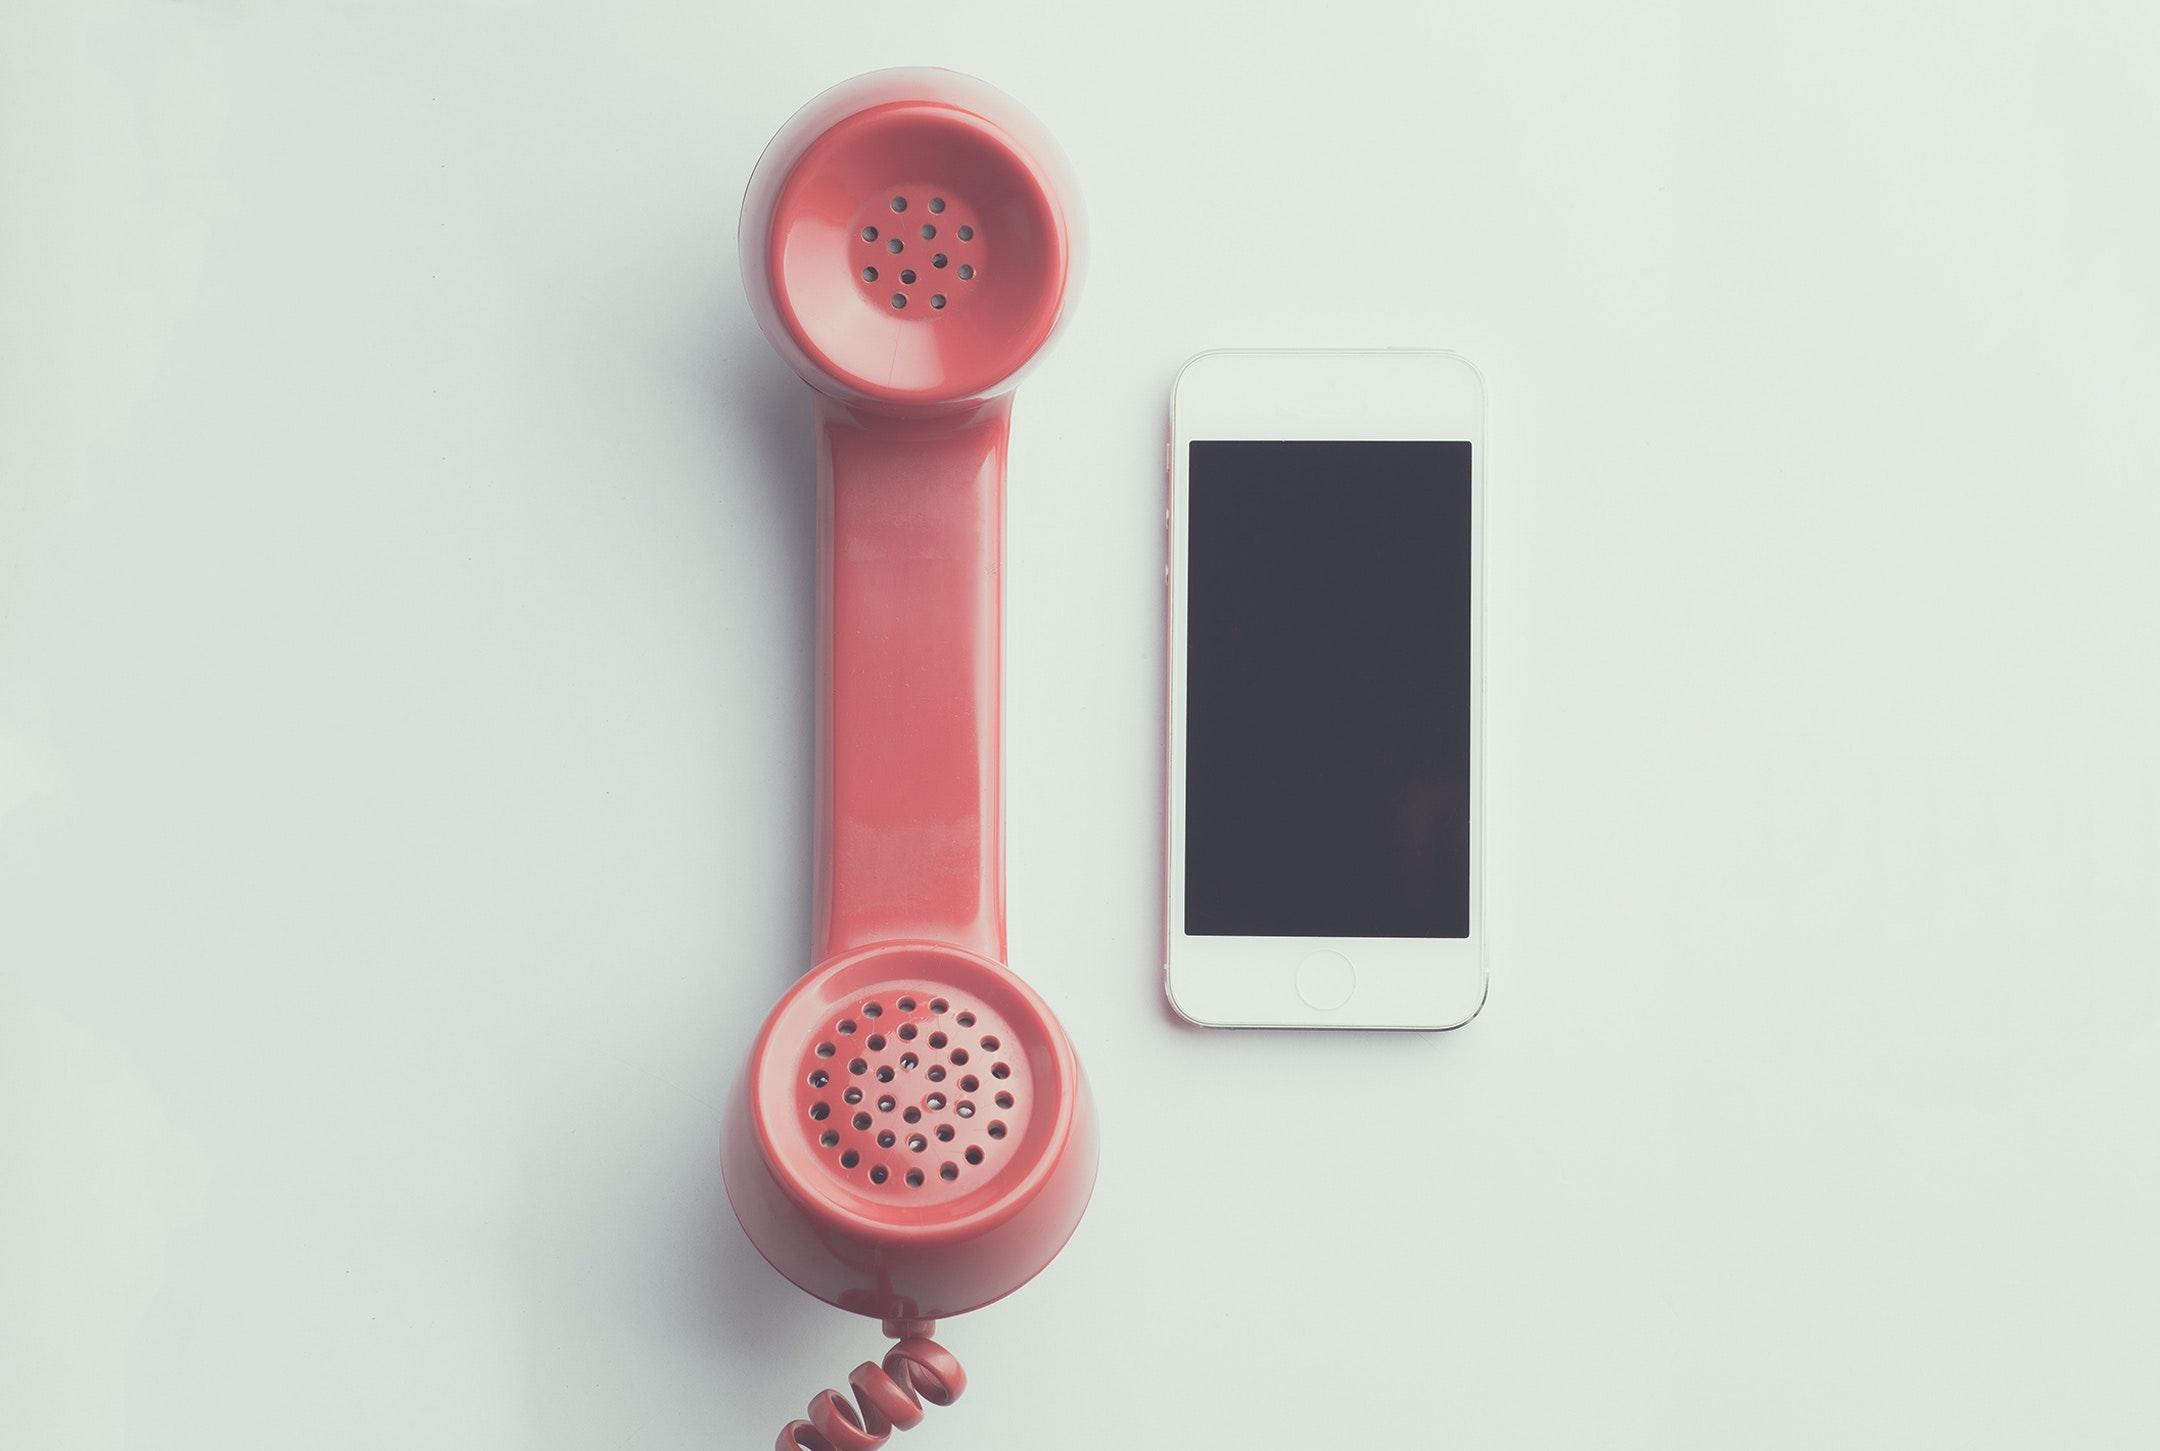 Θυμάσαι πως ήταν να ζεις χωρίς κινητό;